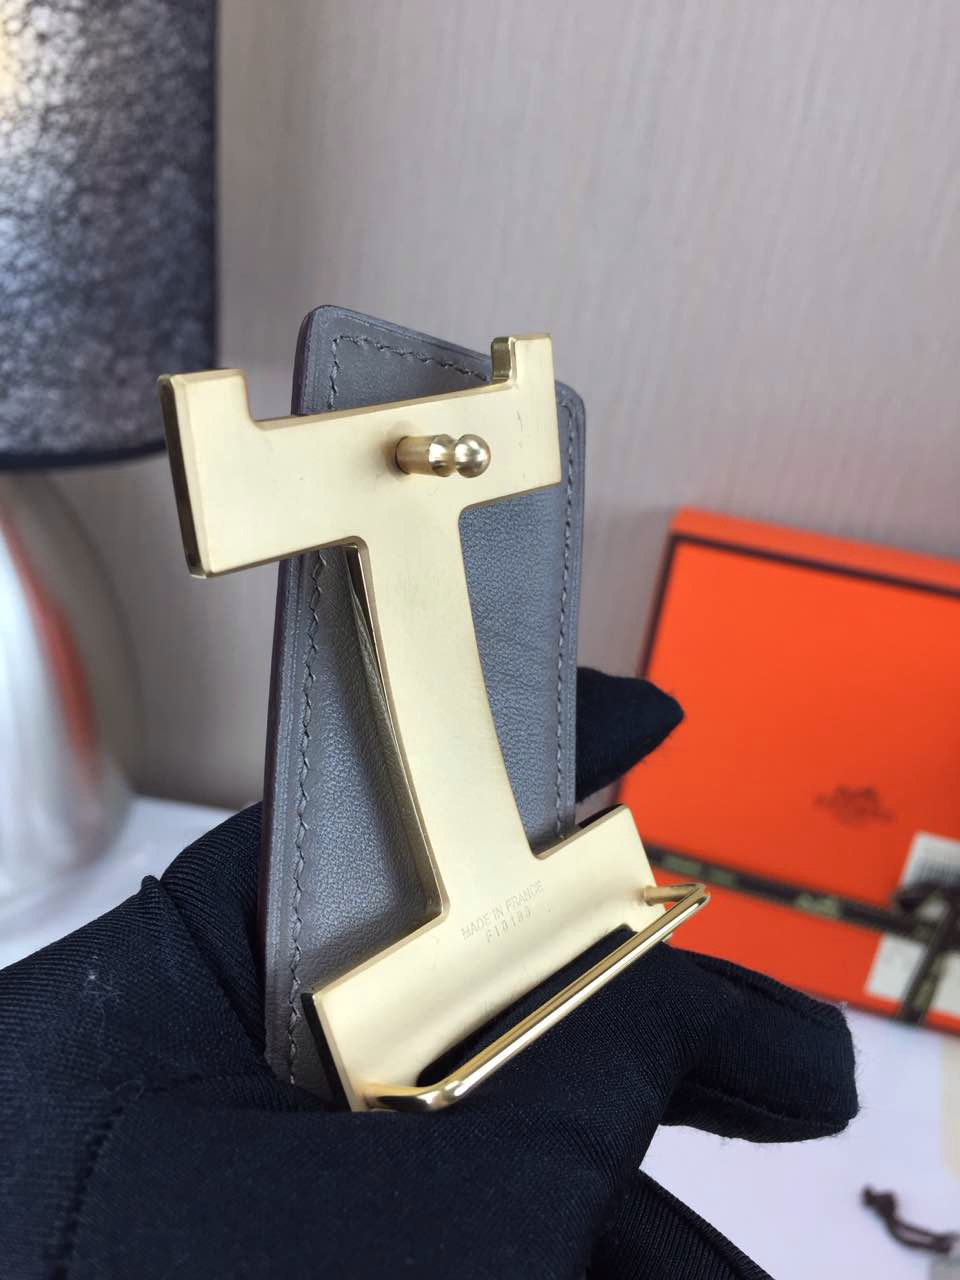 Hermes calfskin four horns brushed gold belt brown and light grey Mens 3.8CM wide